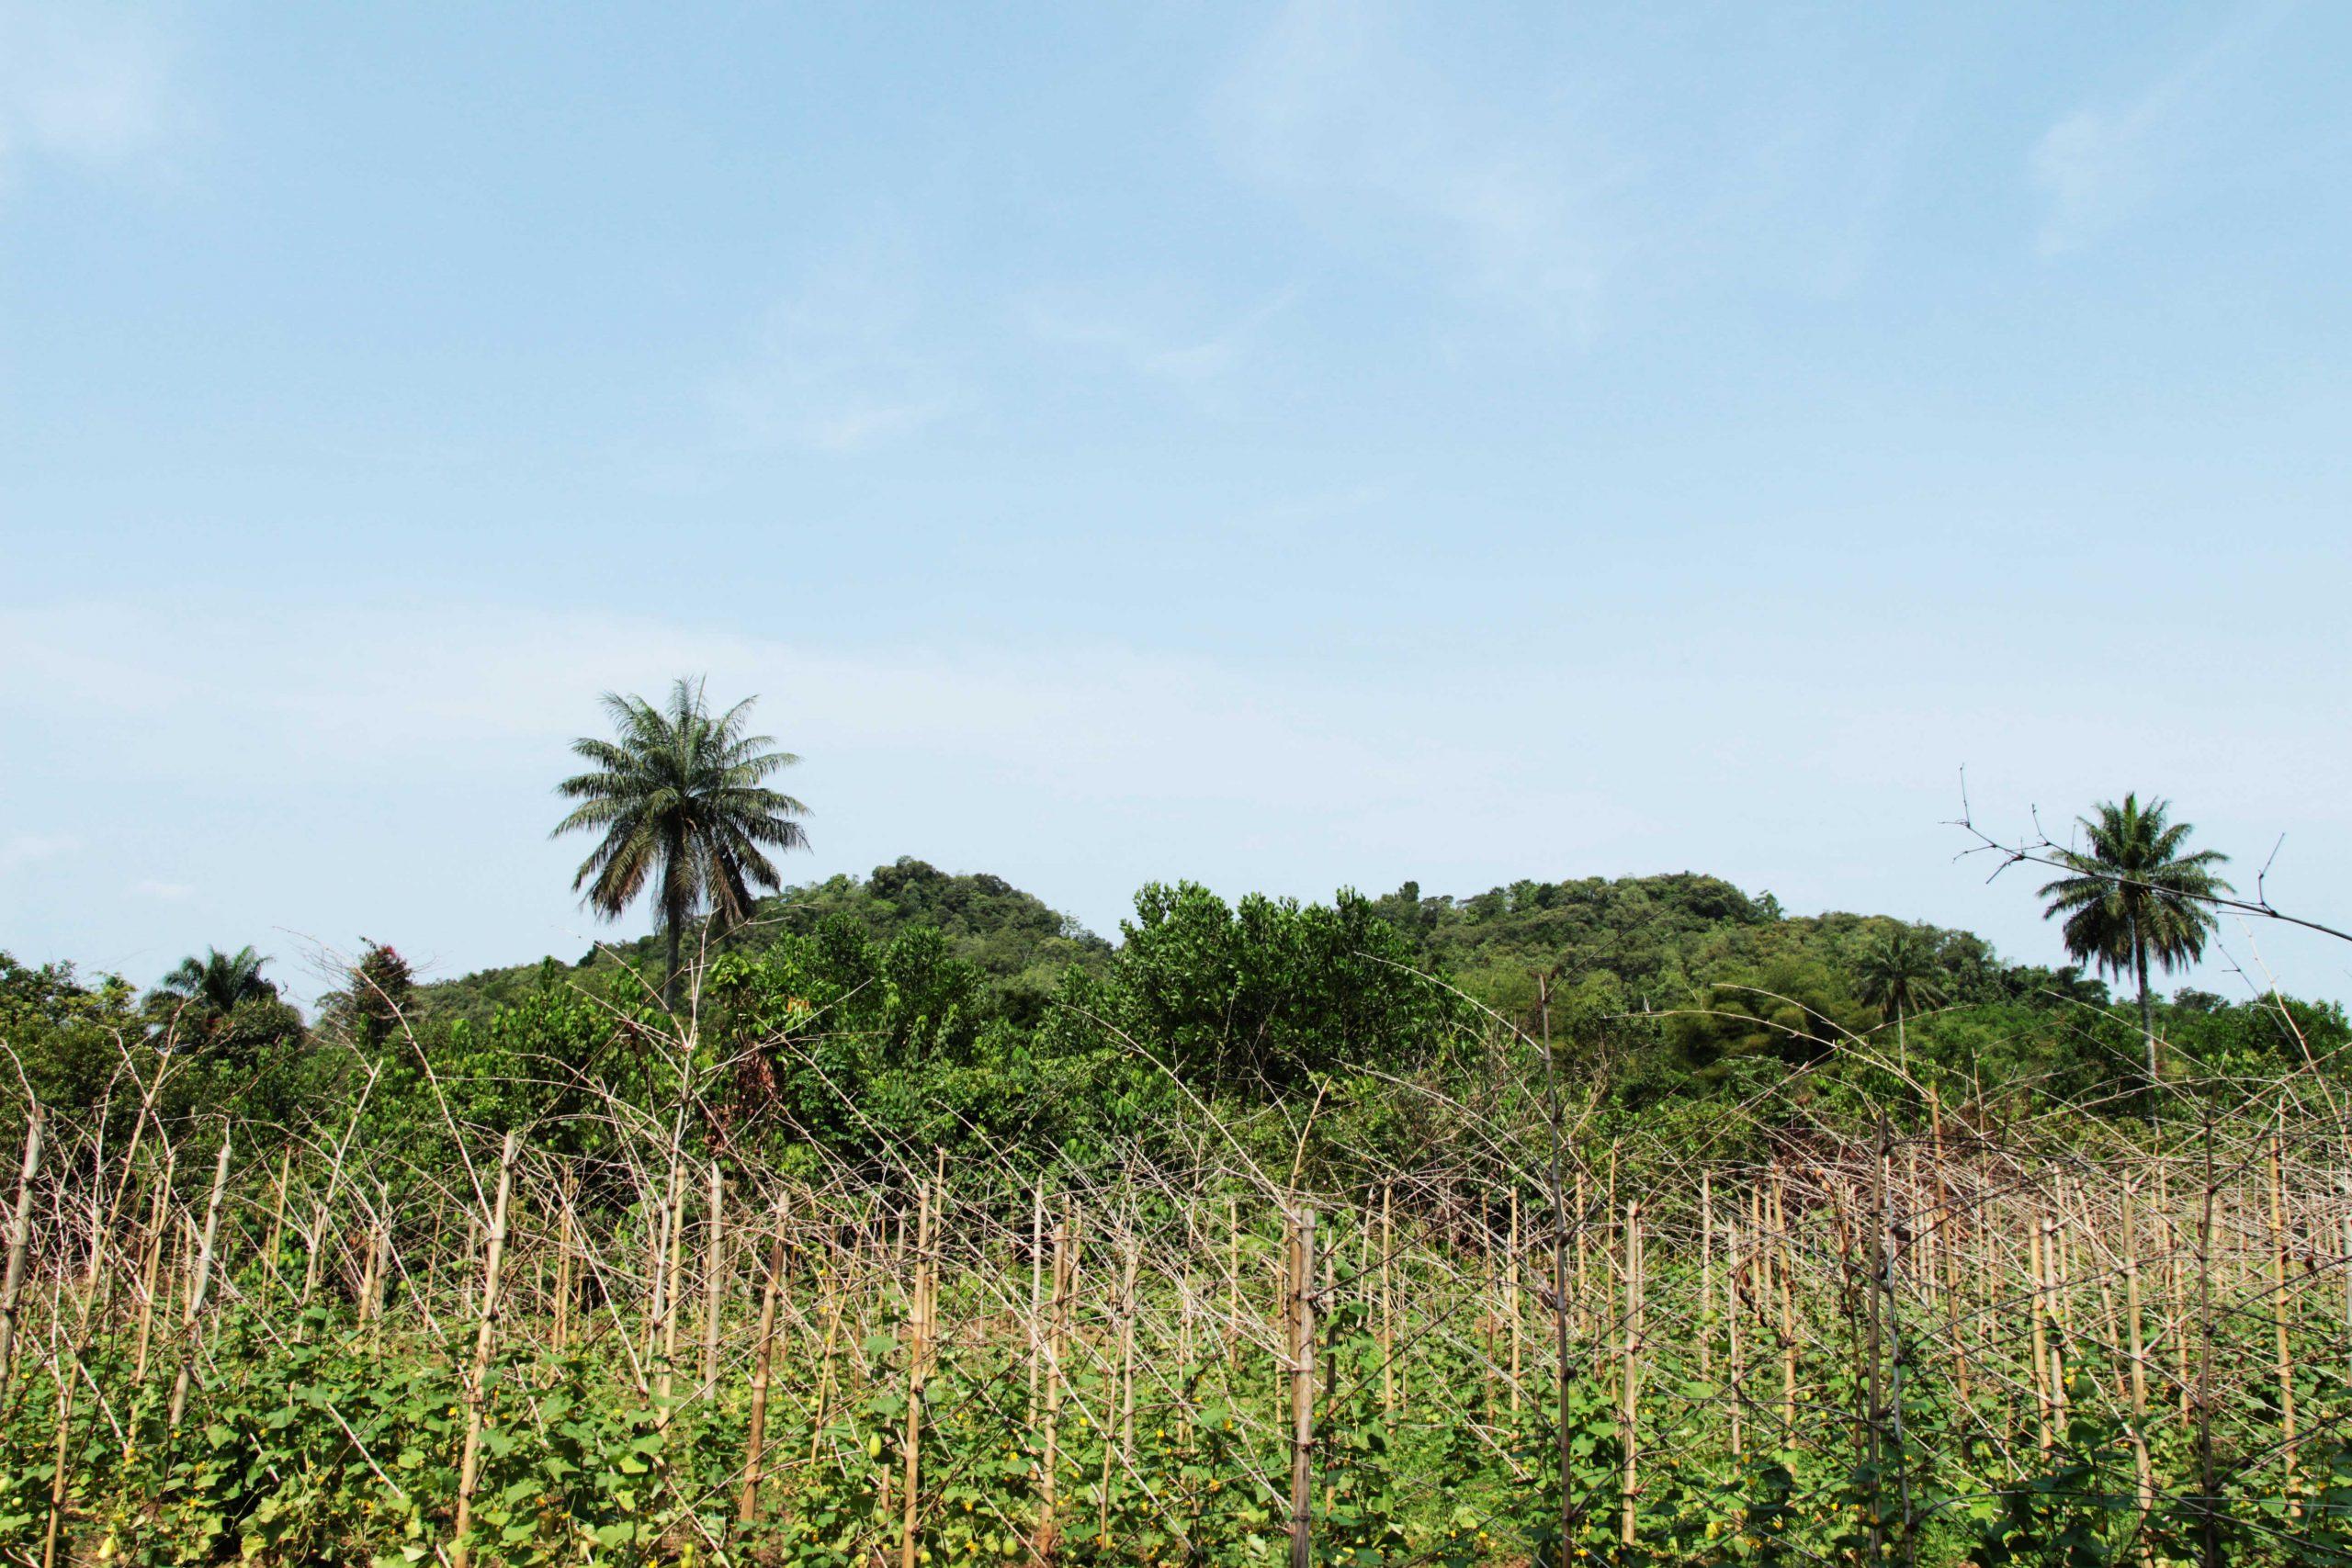 A farm in Liberia